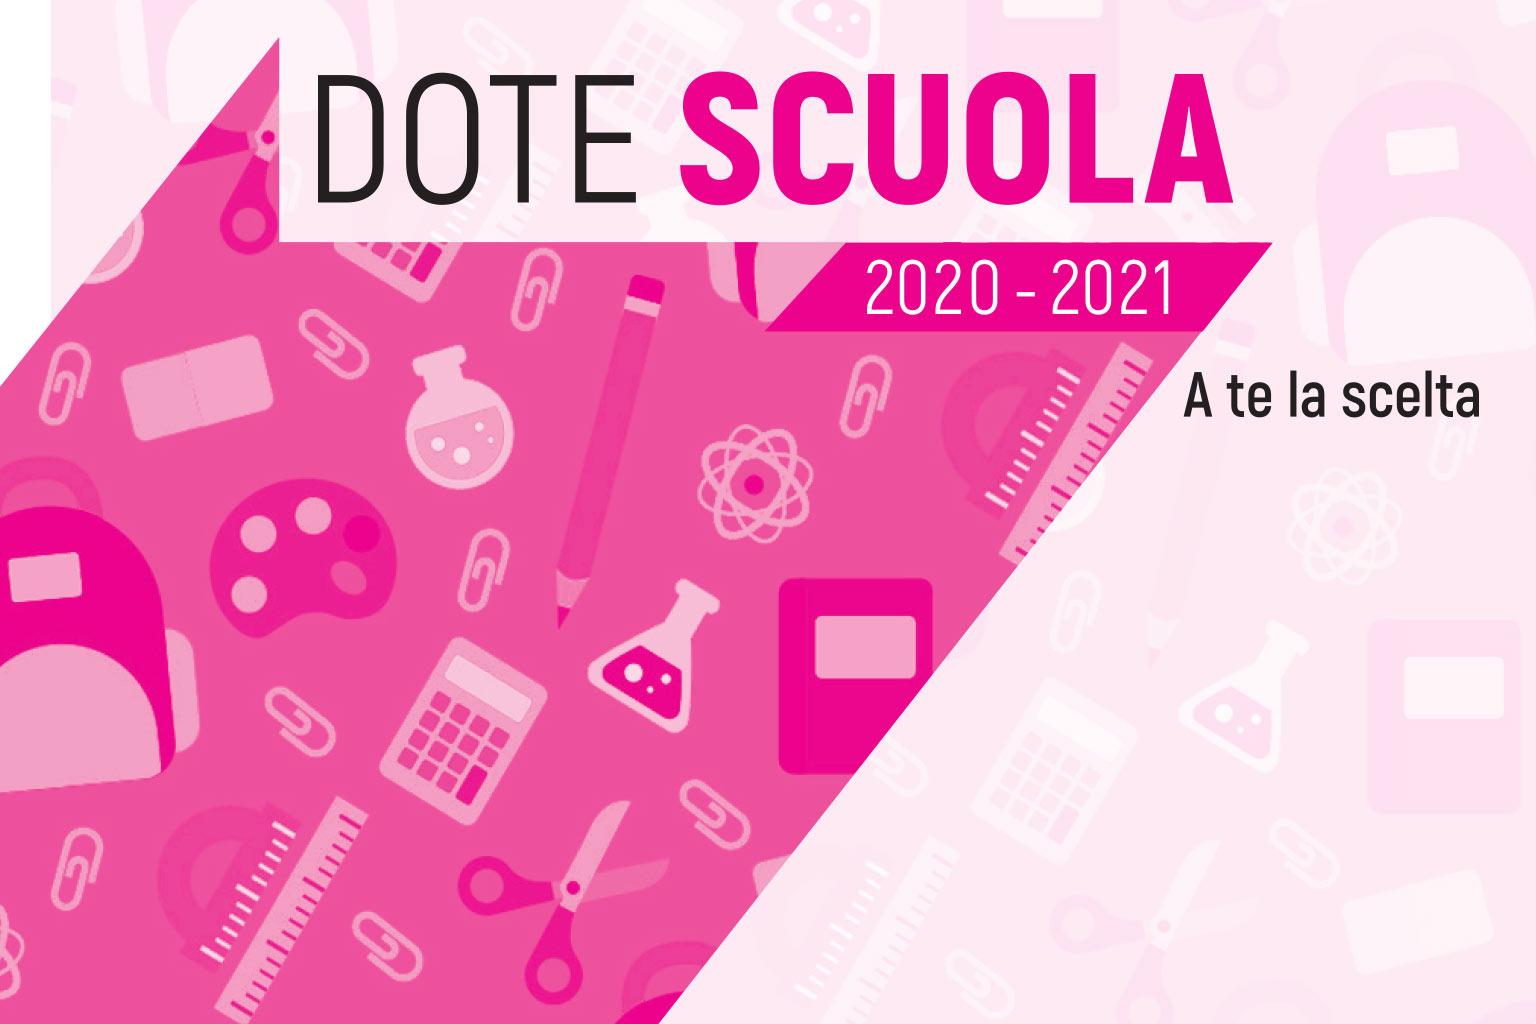 Dote scuola 2020-2021. E\' stata prorogata al 30 giugno la possibilità di effettuare la richiesta sul sito della Regione Lombardia